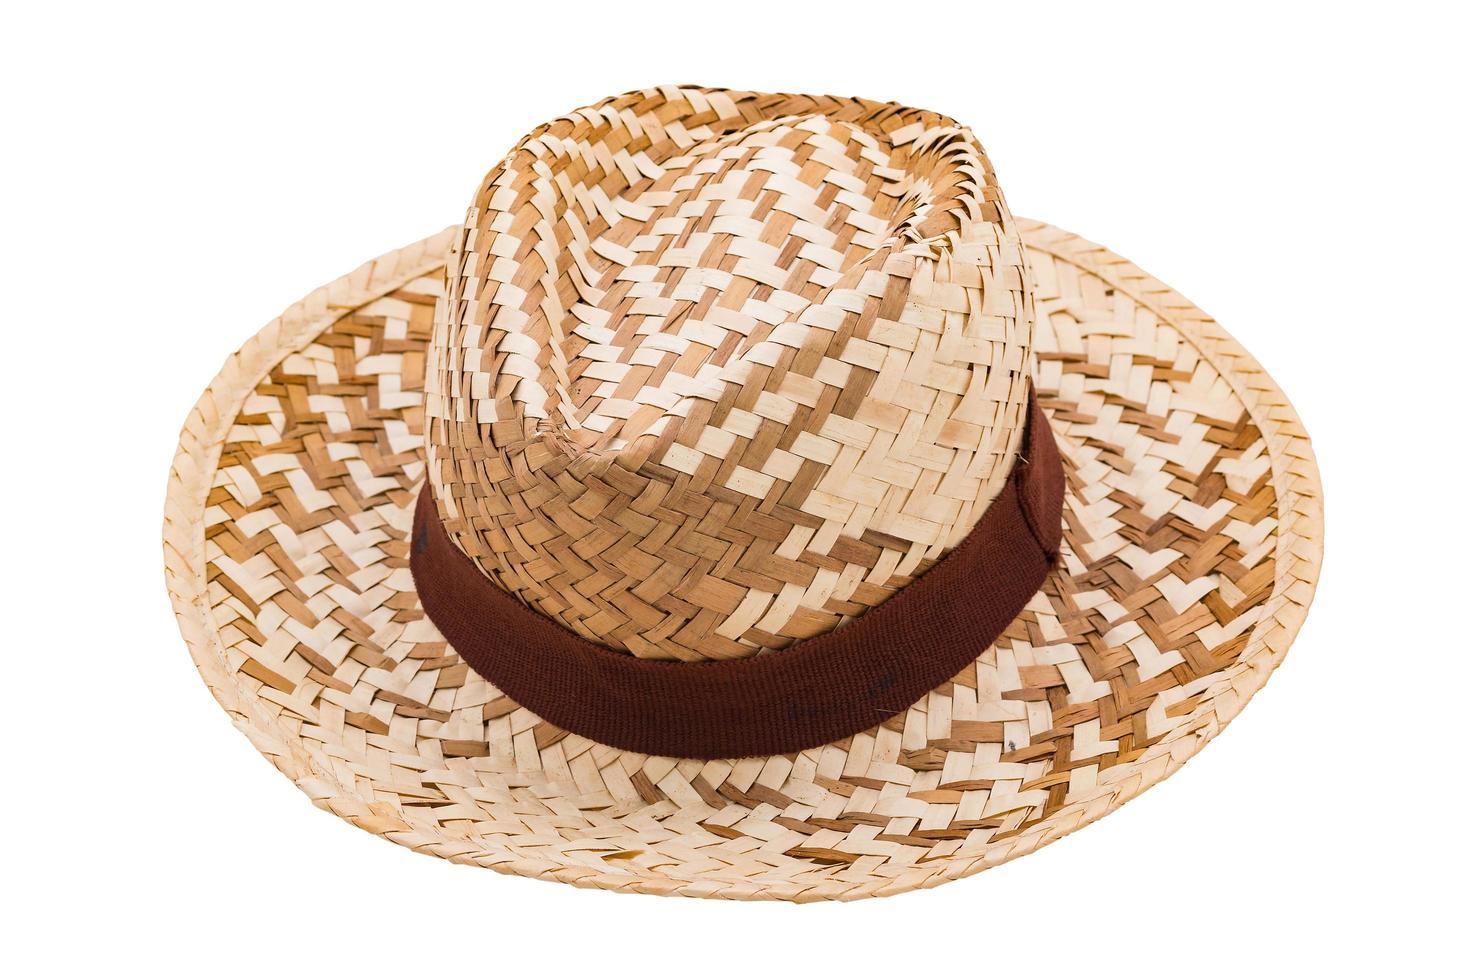 strooien hoed geïsoleerd op een witte achtergrond foto